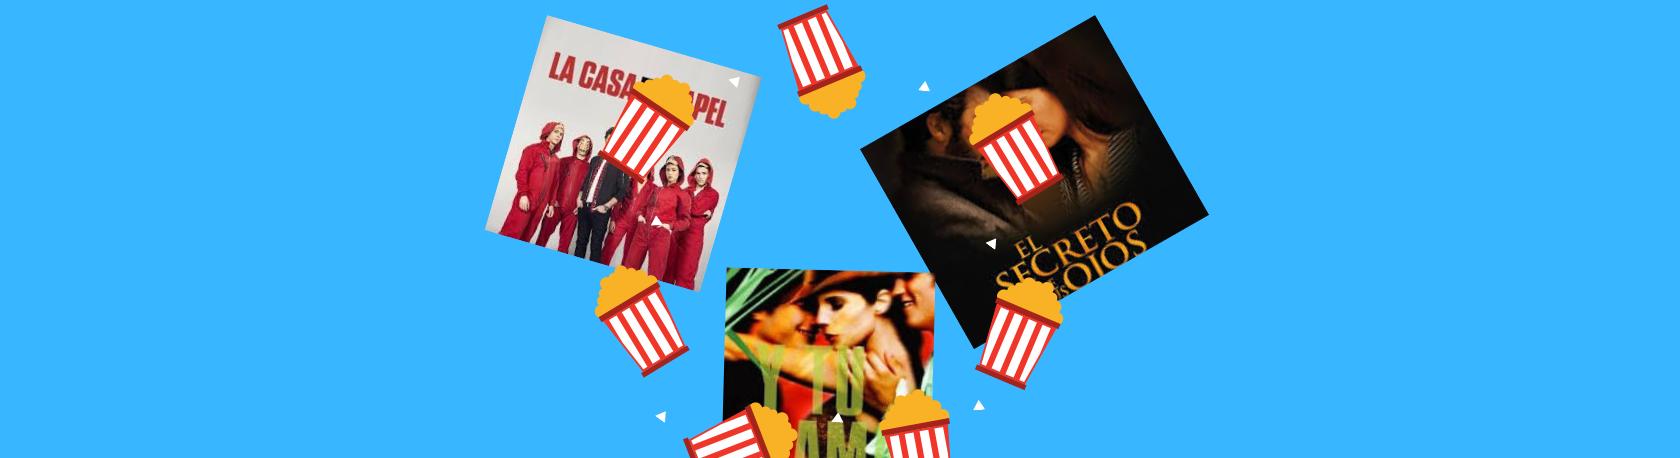 WEBCAST Live Streaming: Movie Reviews en español - Easy Español